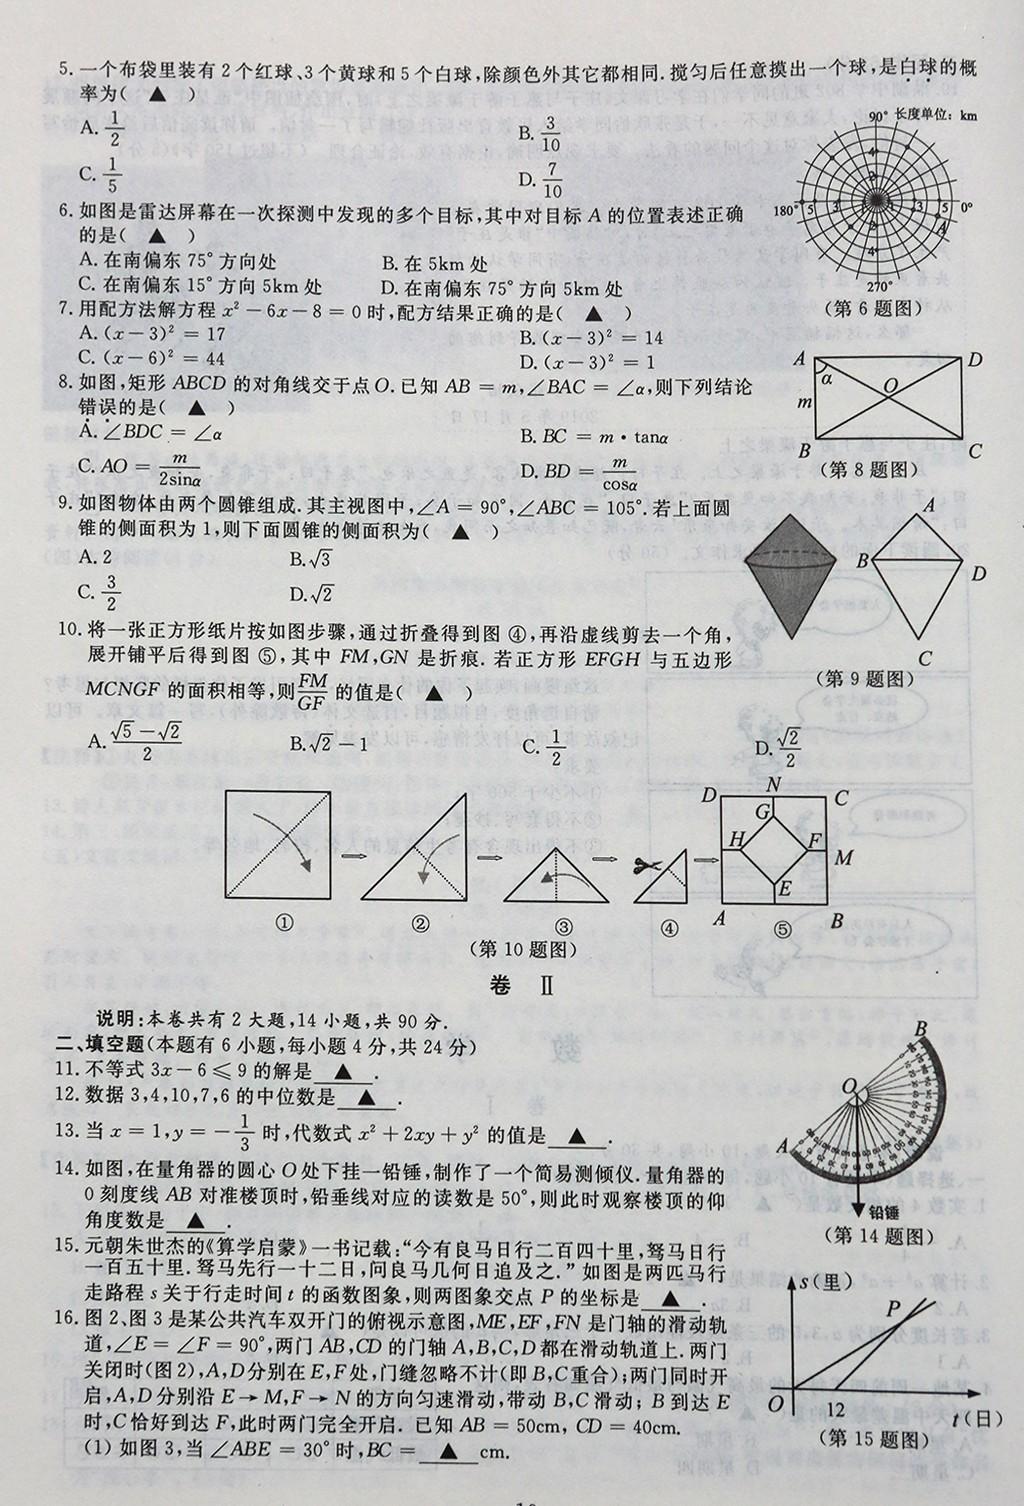 2019年浙江丽水中考数学真题